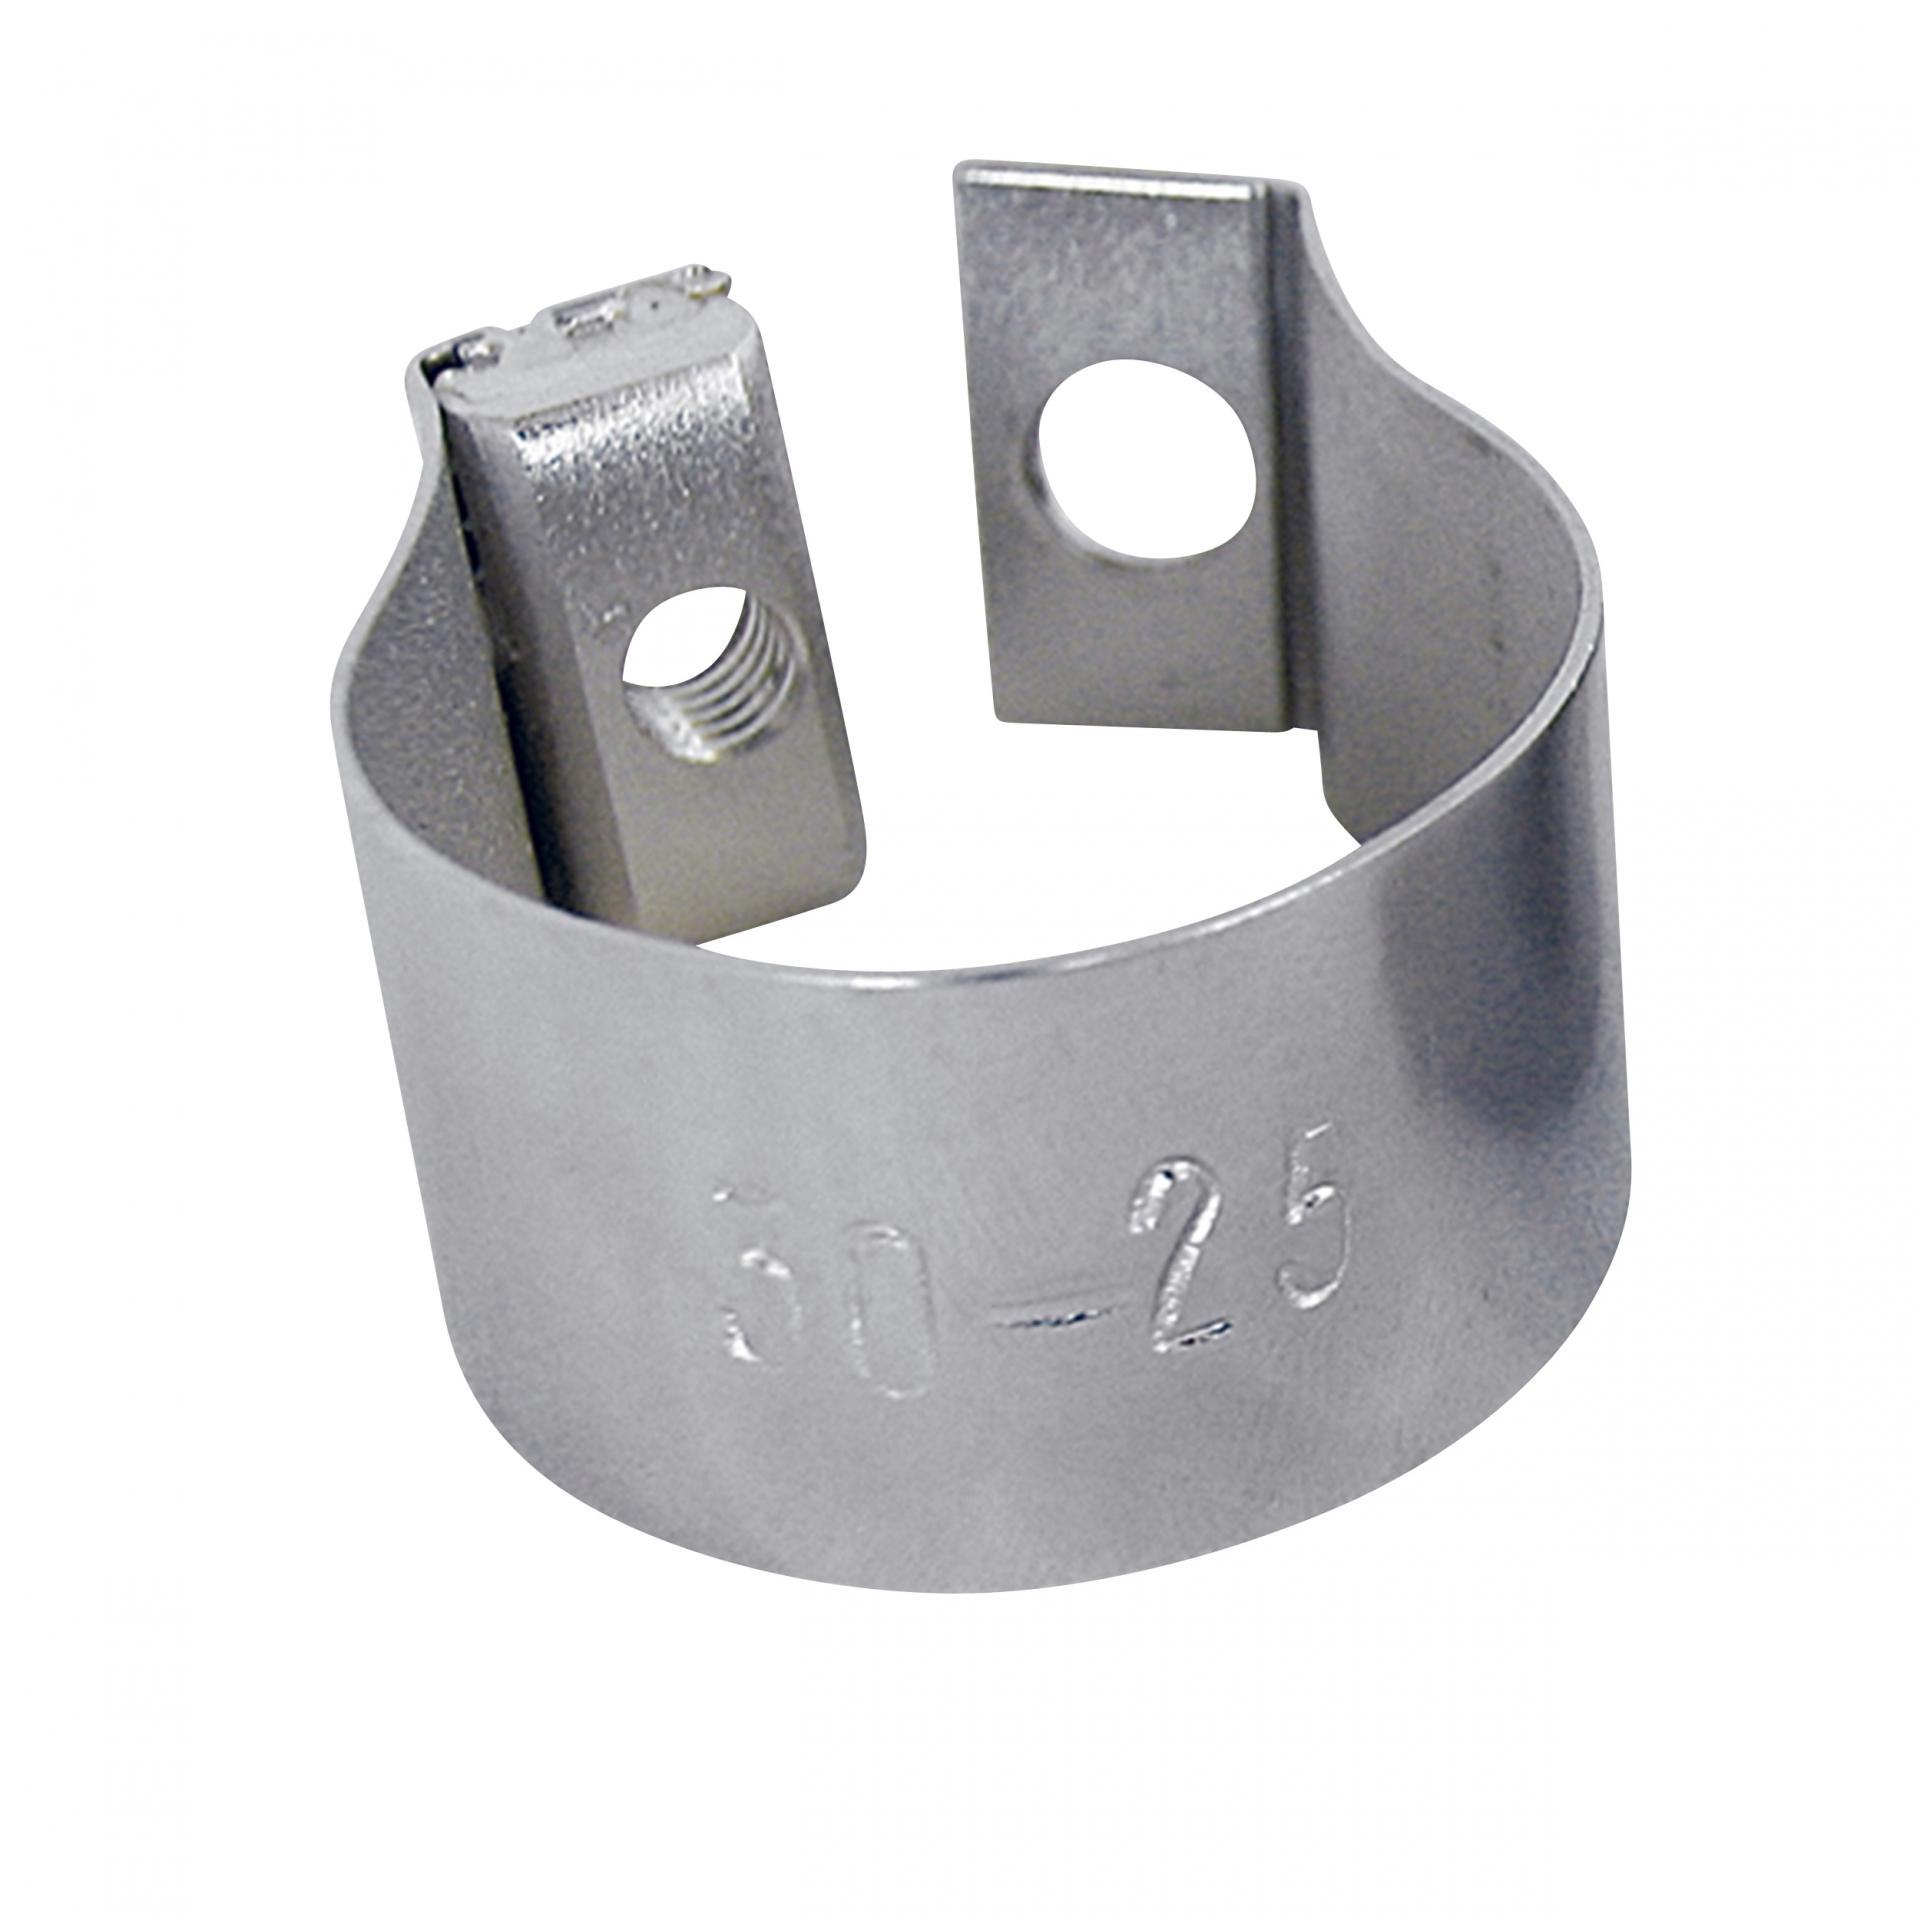 Collier-bague pour fixation de panier BASIL BasEasy II 25-30 mm